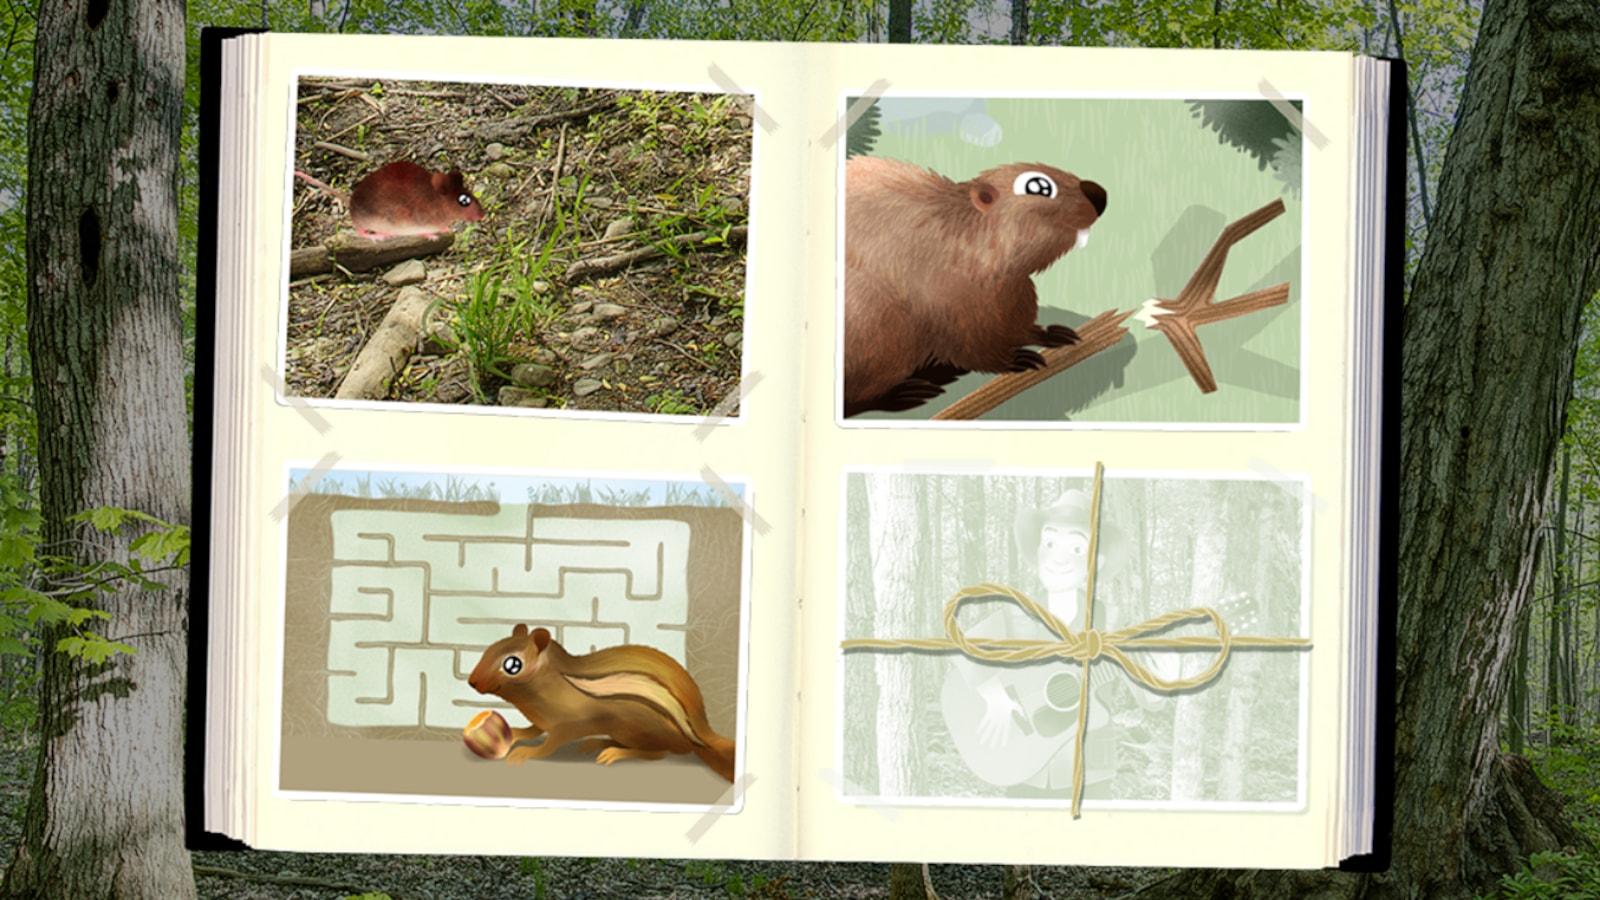 On voit Arthur, un castor, une souris et un écureuil